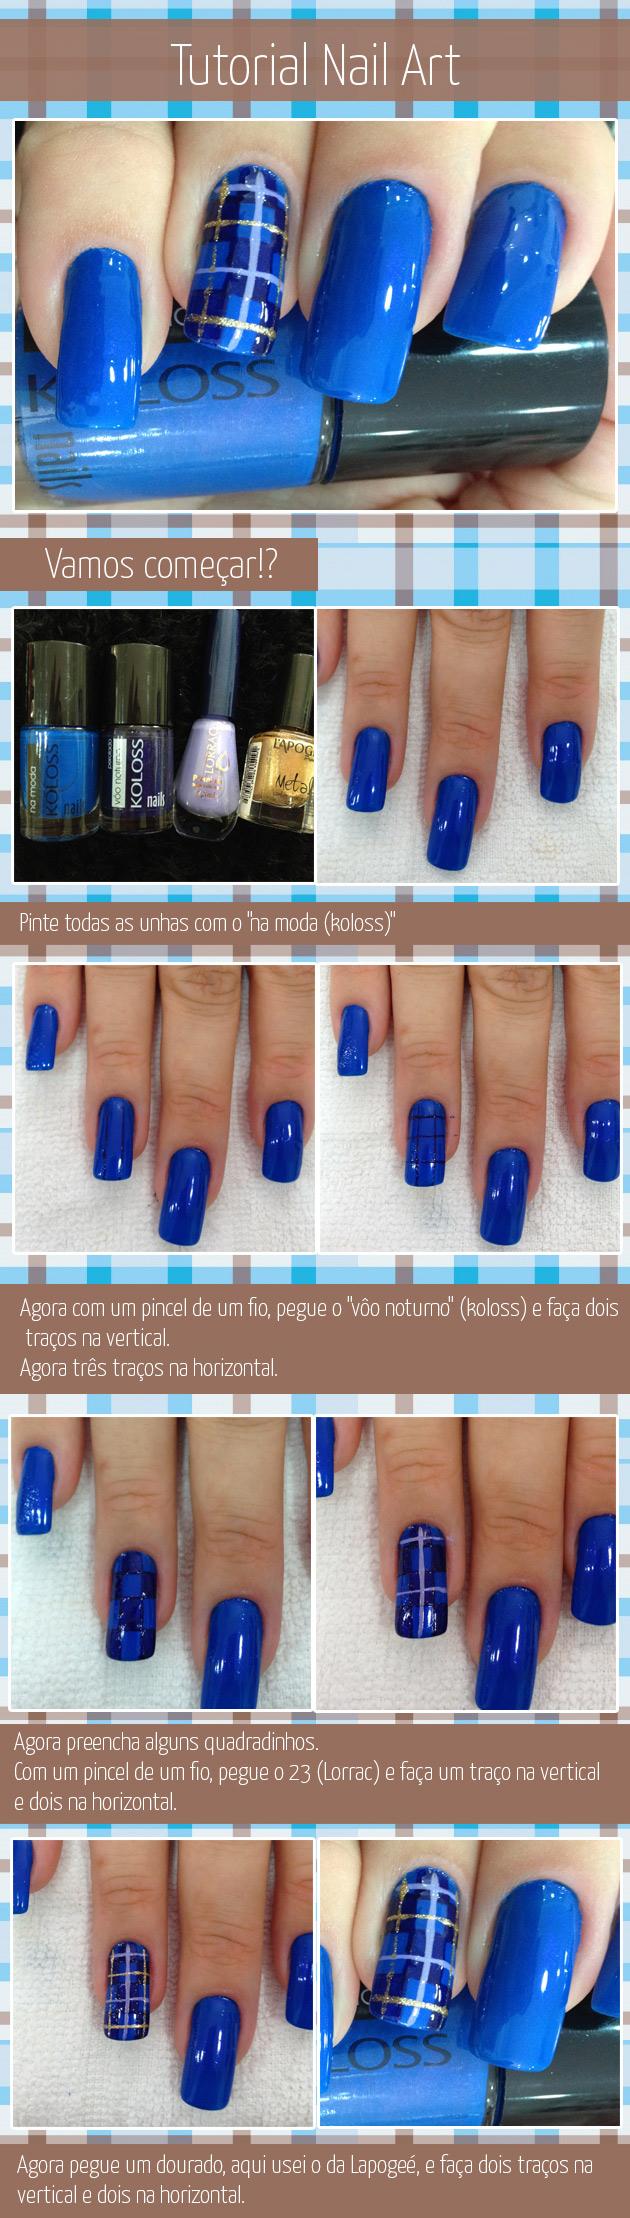 Tutorial Nail Art - Unha Decorada xadrez  esmalte azul